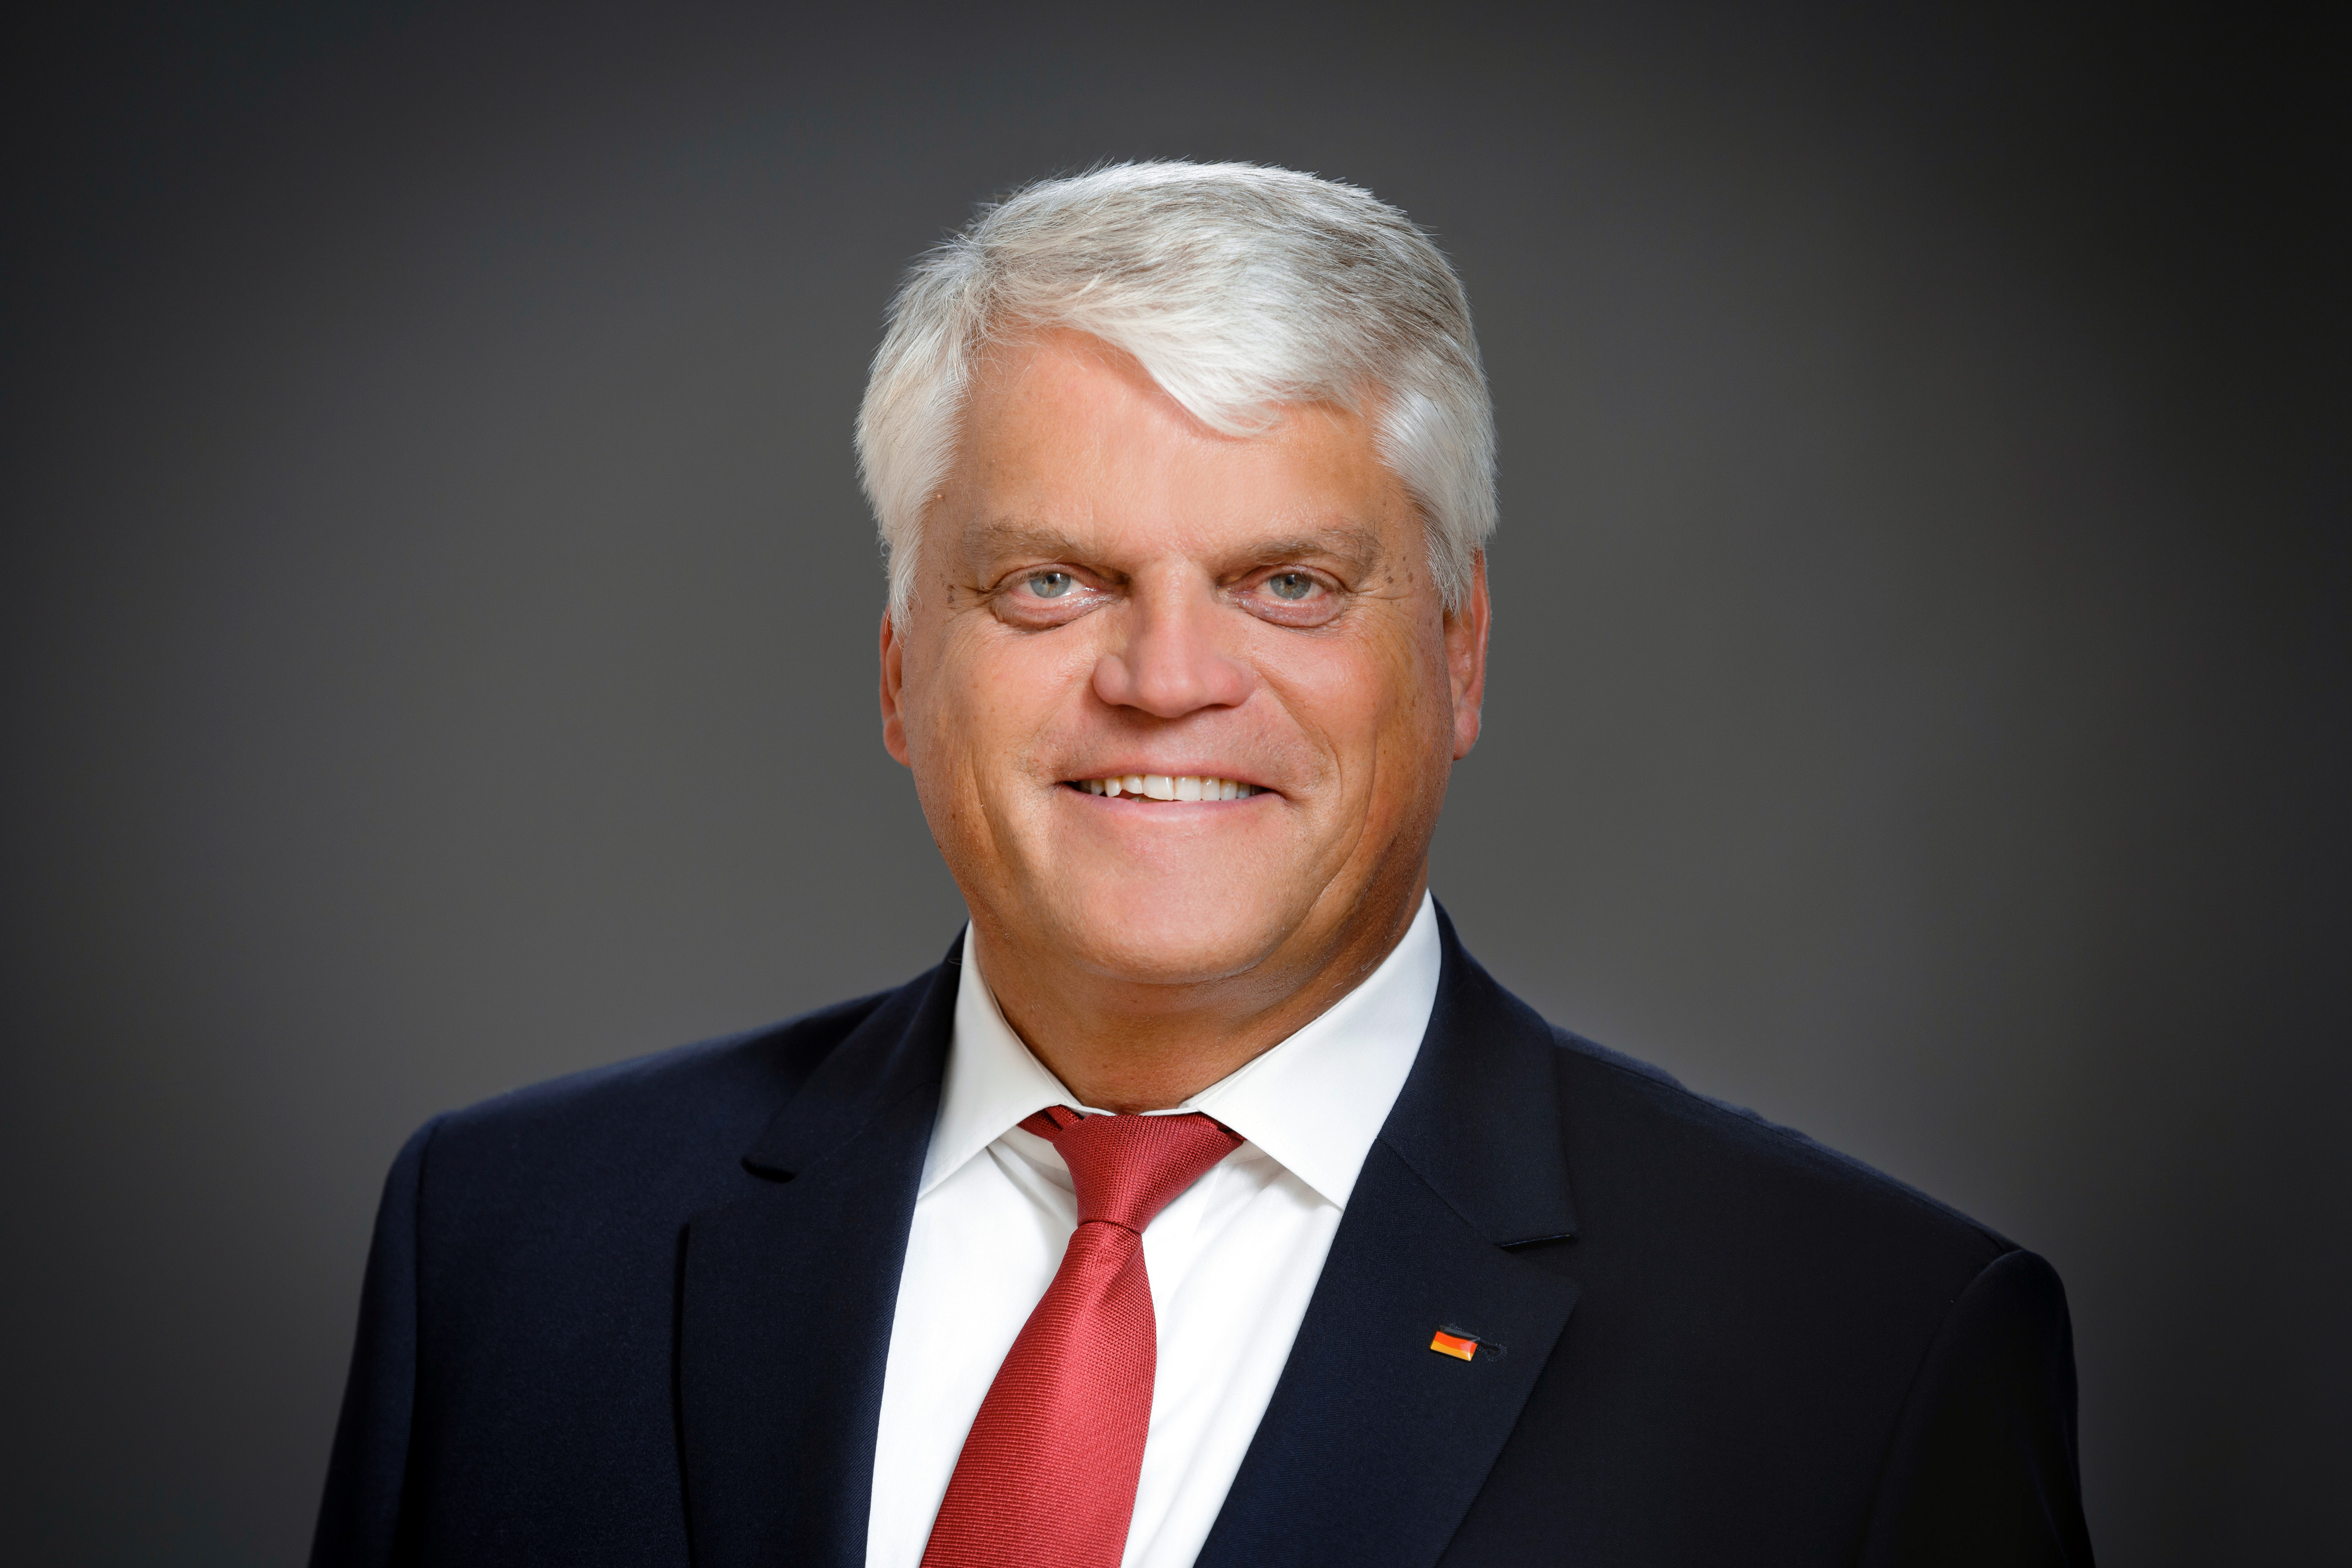 Markus Grübel, Beauftragter der Bundesregierung für weltweite Religionsfreiheit